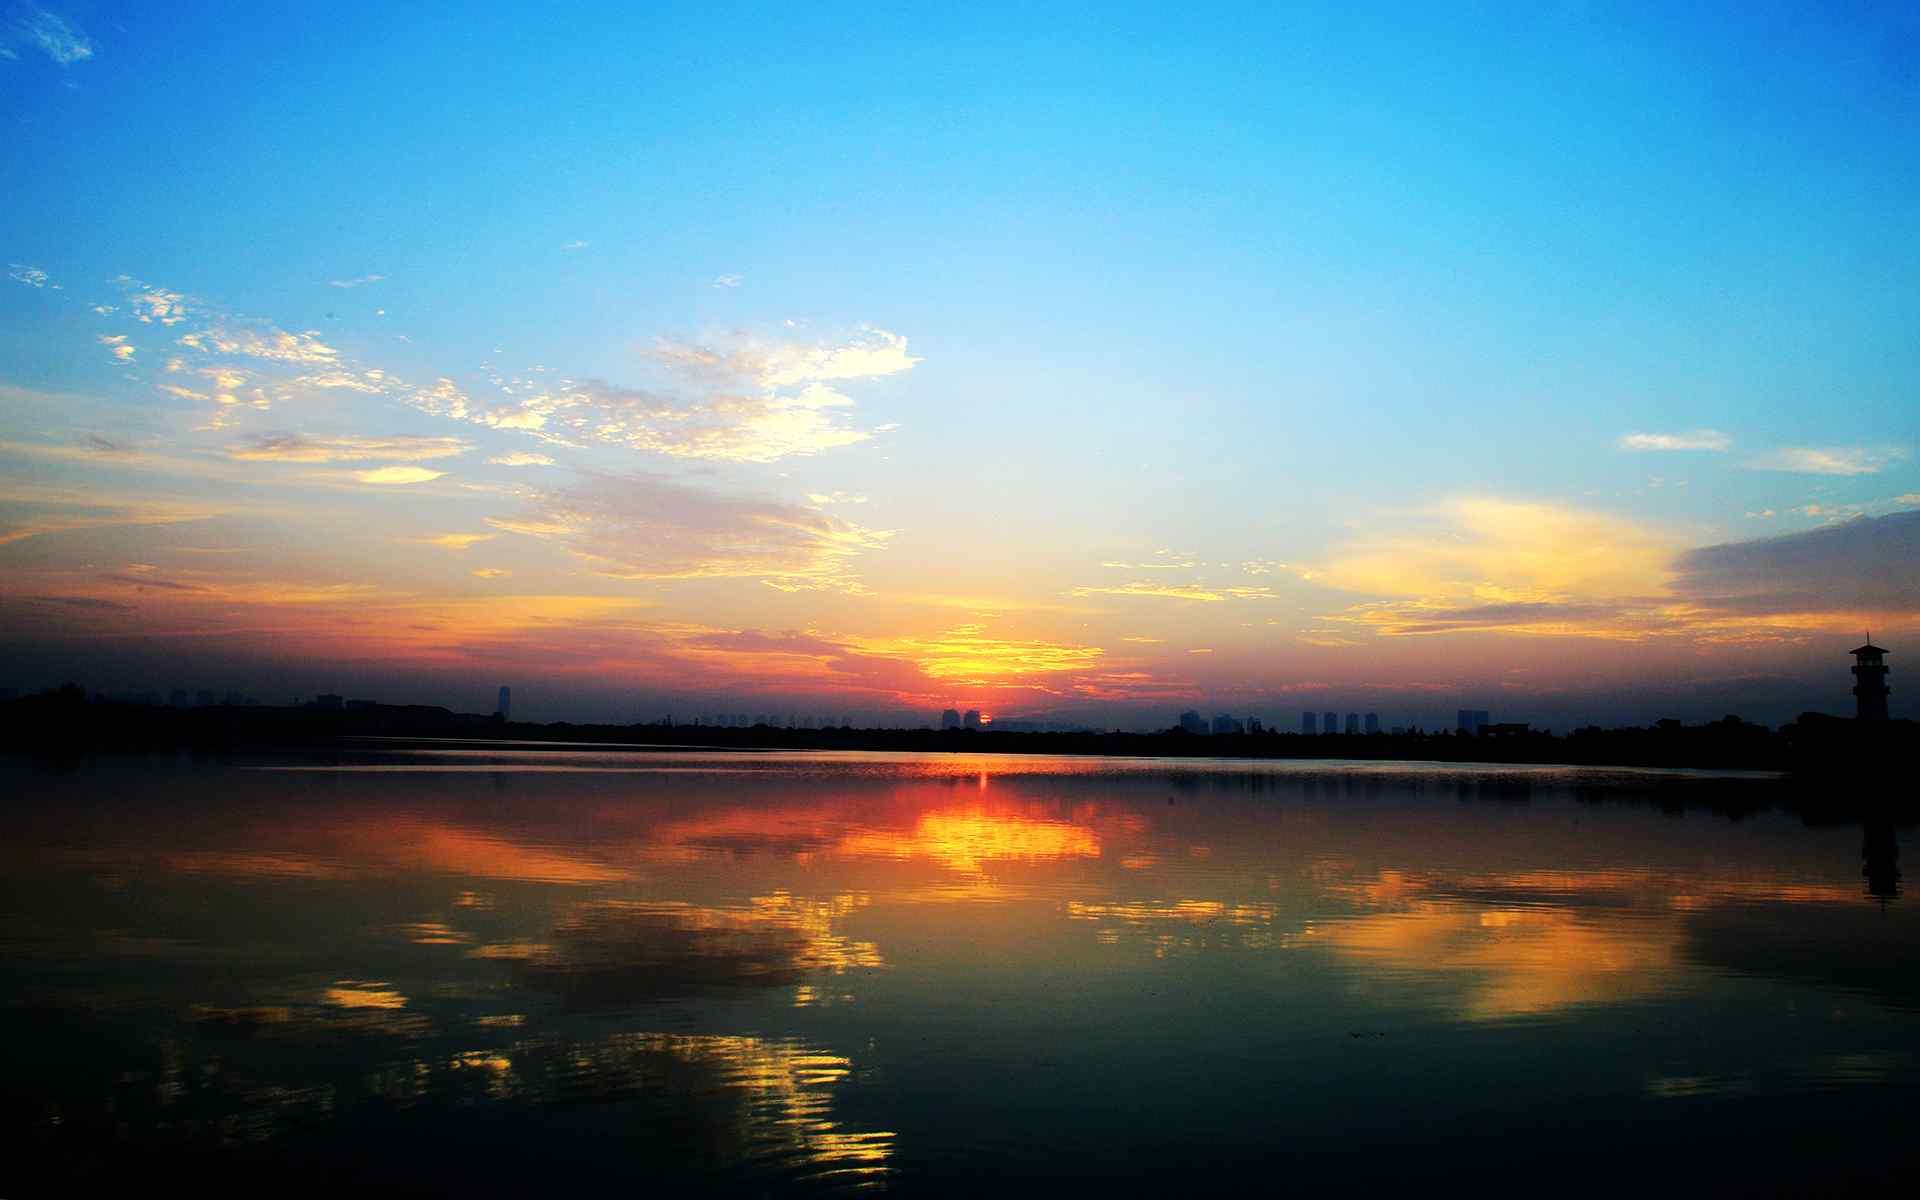 汤逊湖畔日出风景唯美高清电脑壁纸